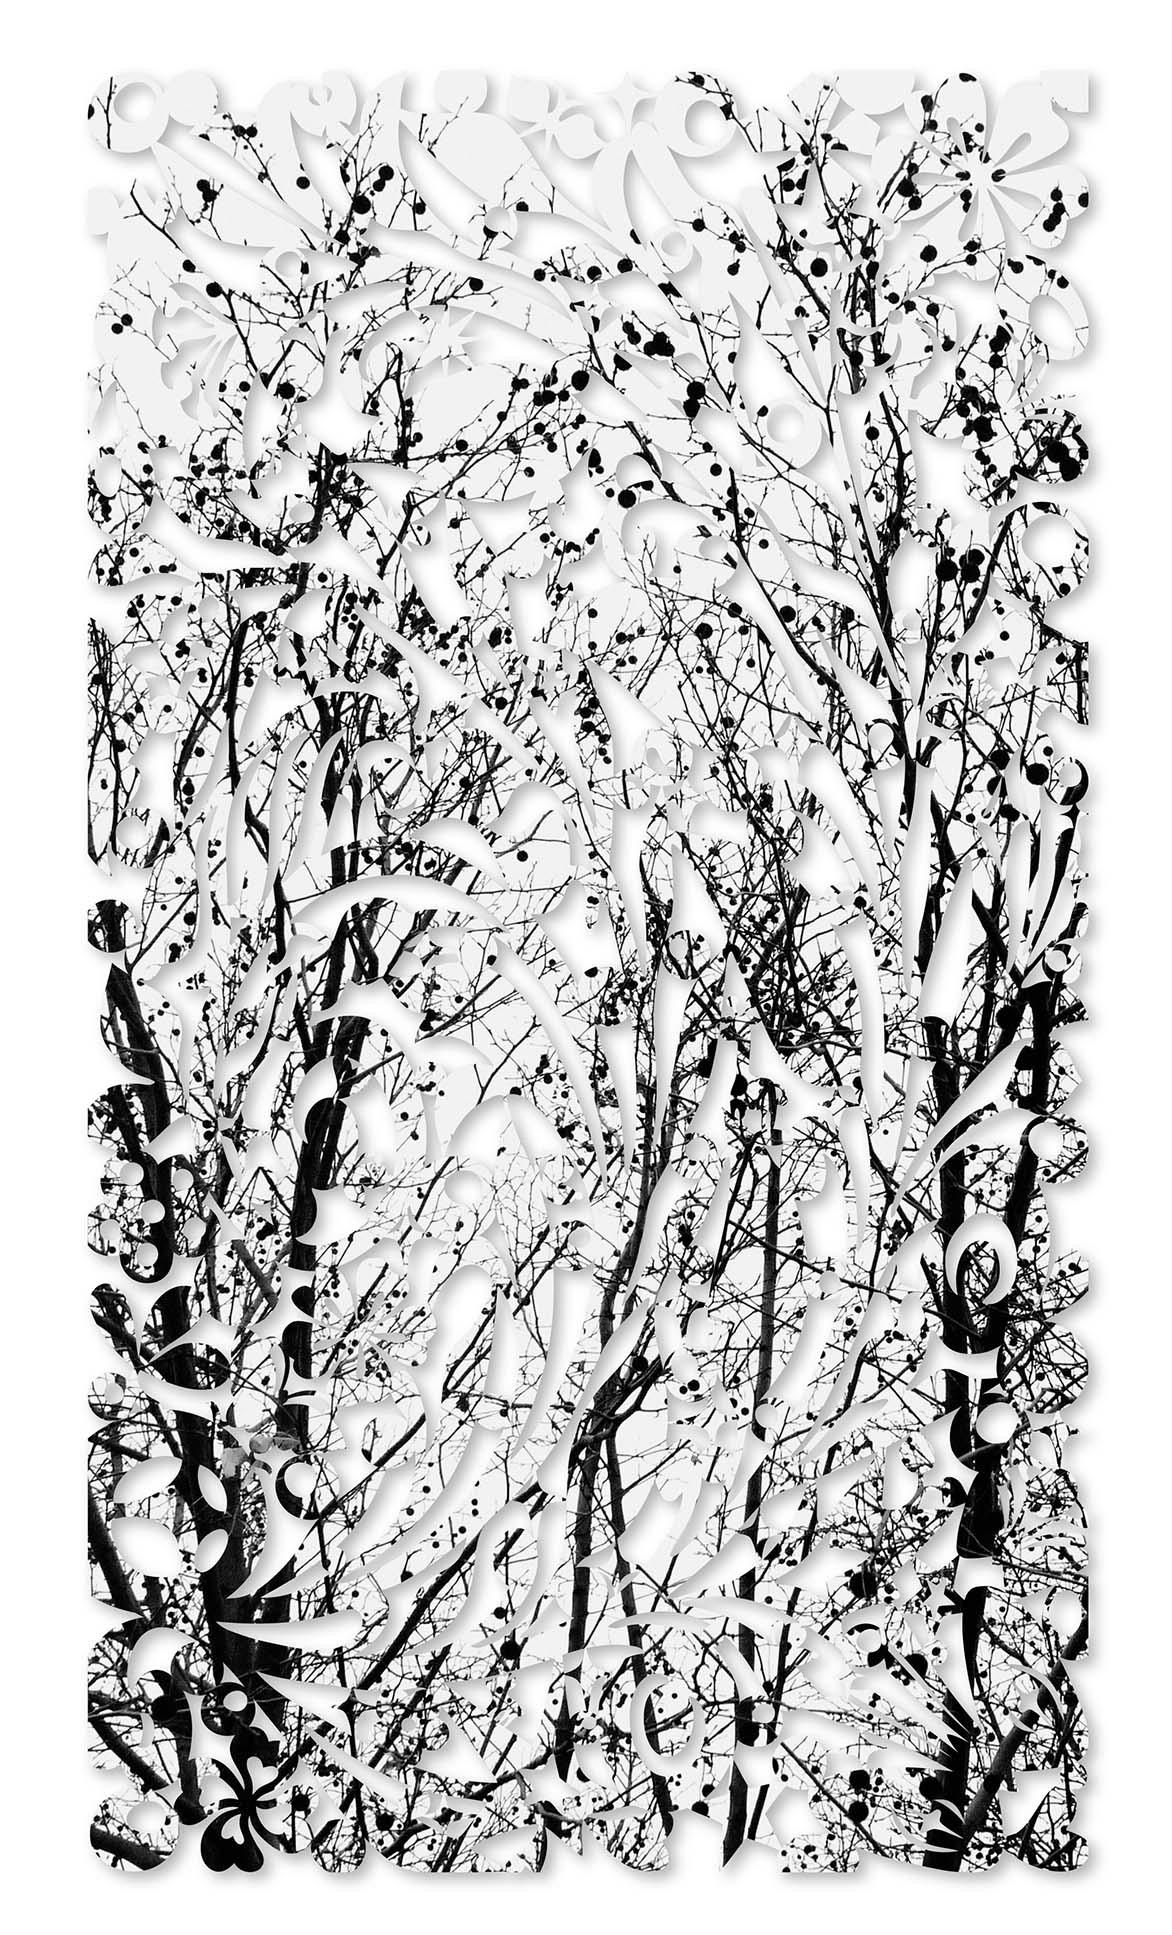 影像剪纸系列 - 仰望冬日 100x180cm 宣影布输出